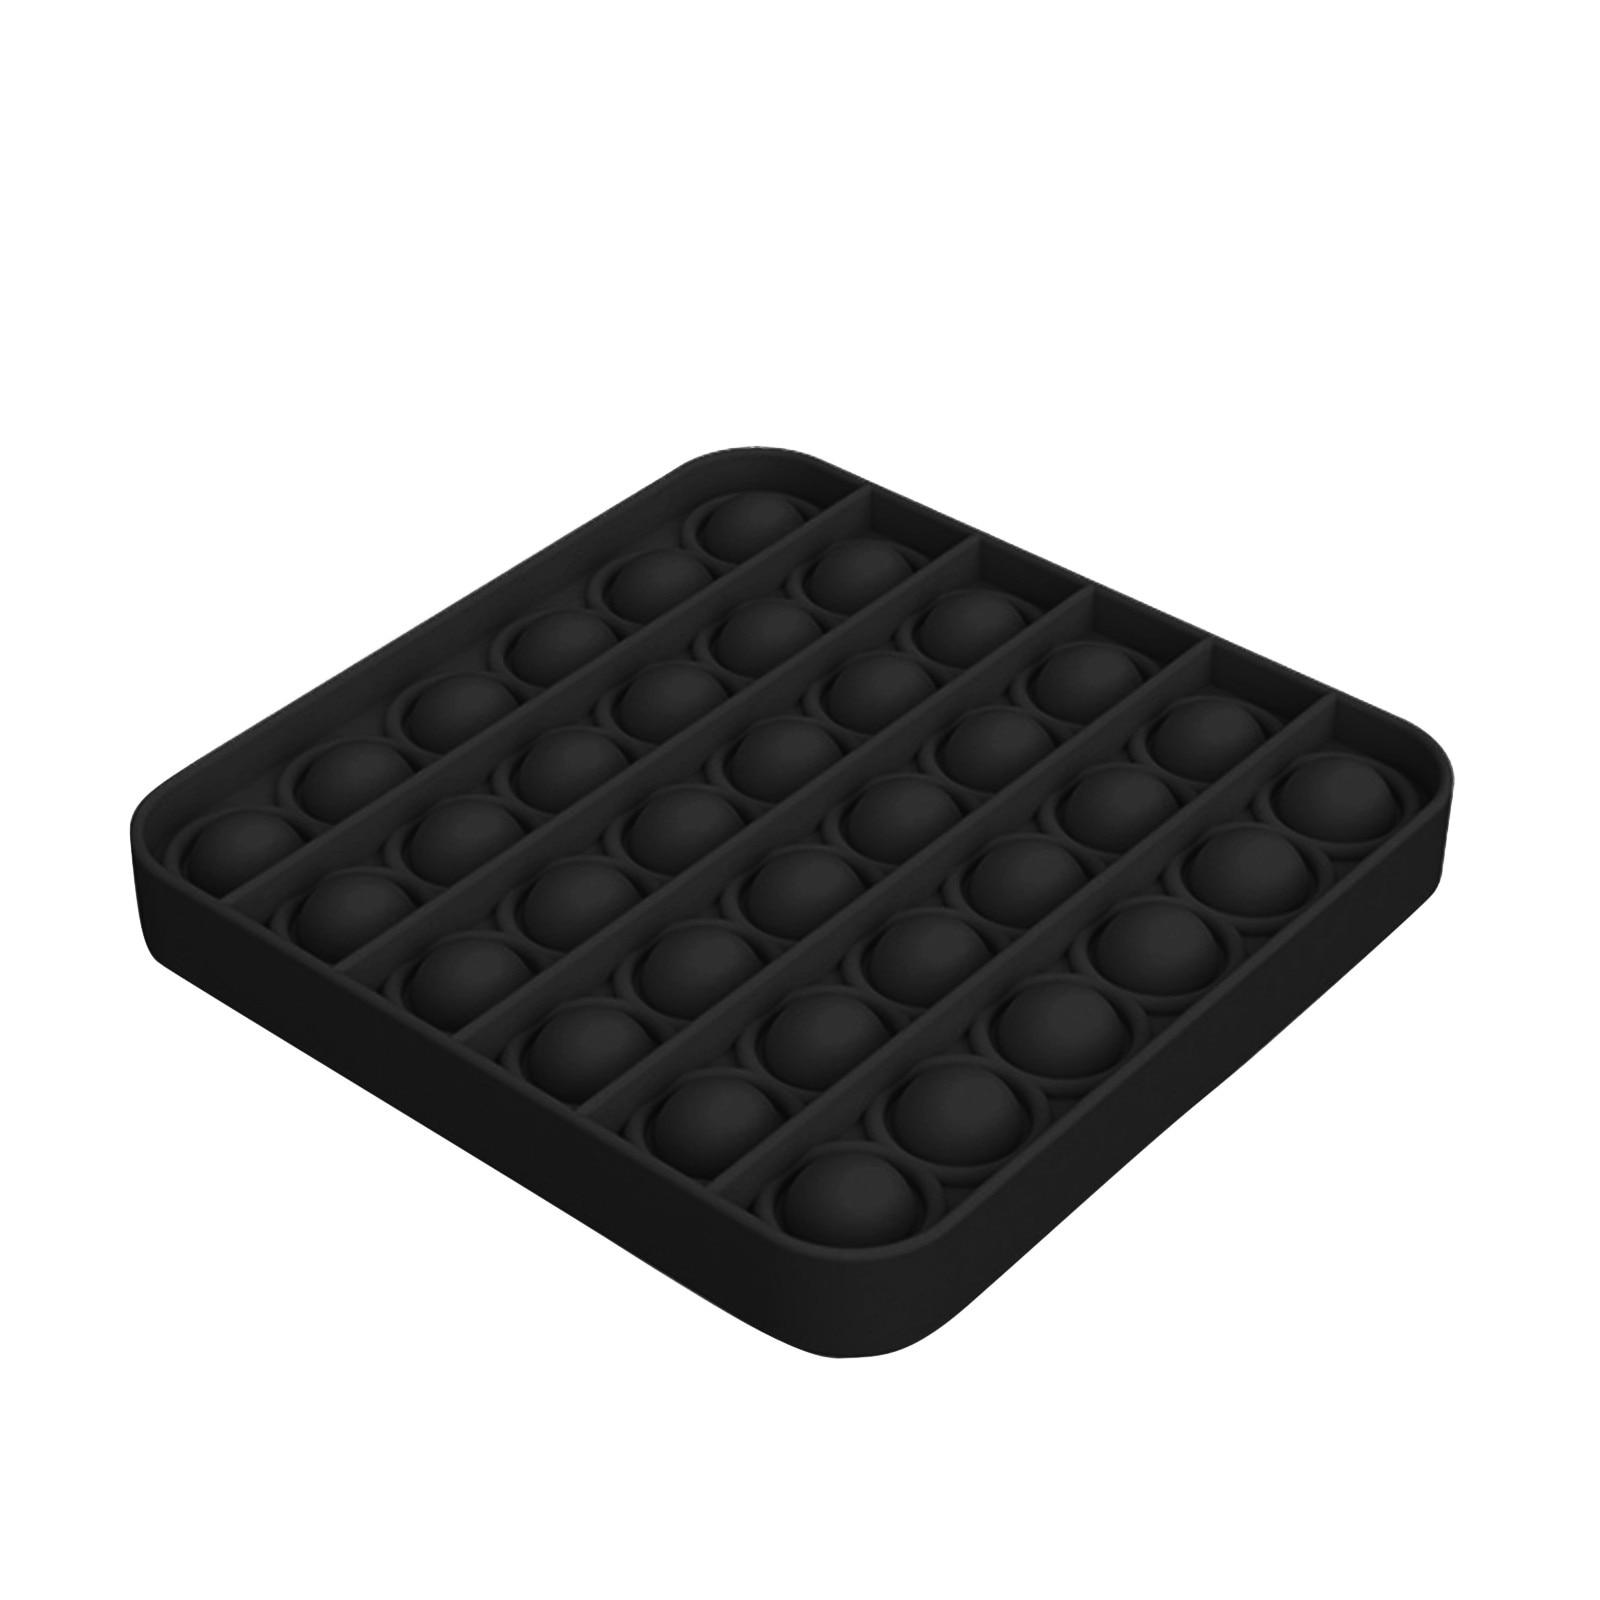 Черный Figet Popit пуш-ап пузырь Непоседа сенсорные игрушка для аутистов особых потребностей игрушка для снятия стресса Многофункциональный сжимающаяся игрушка игрушки